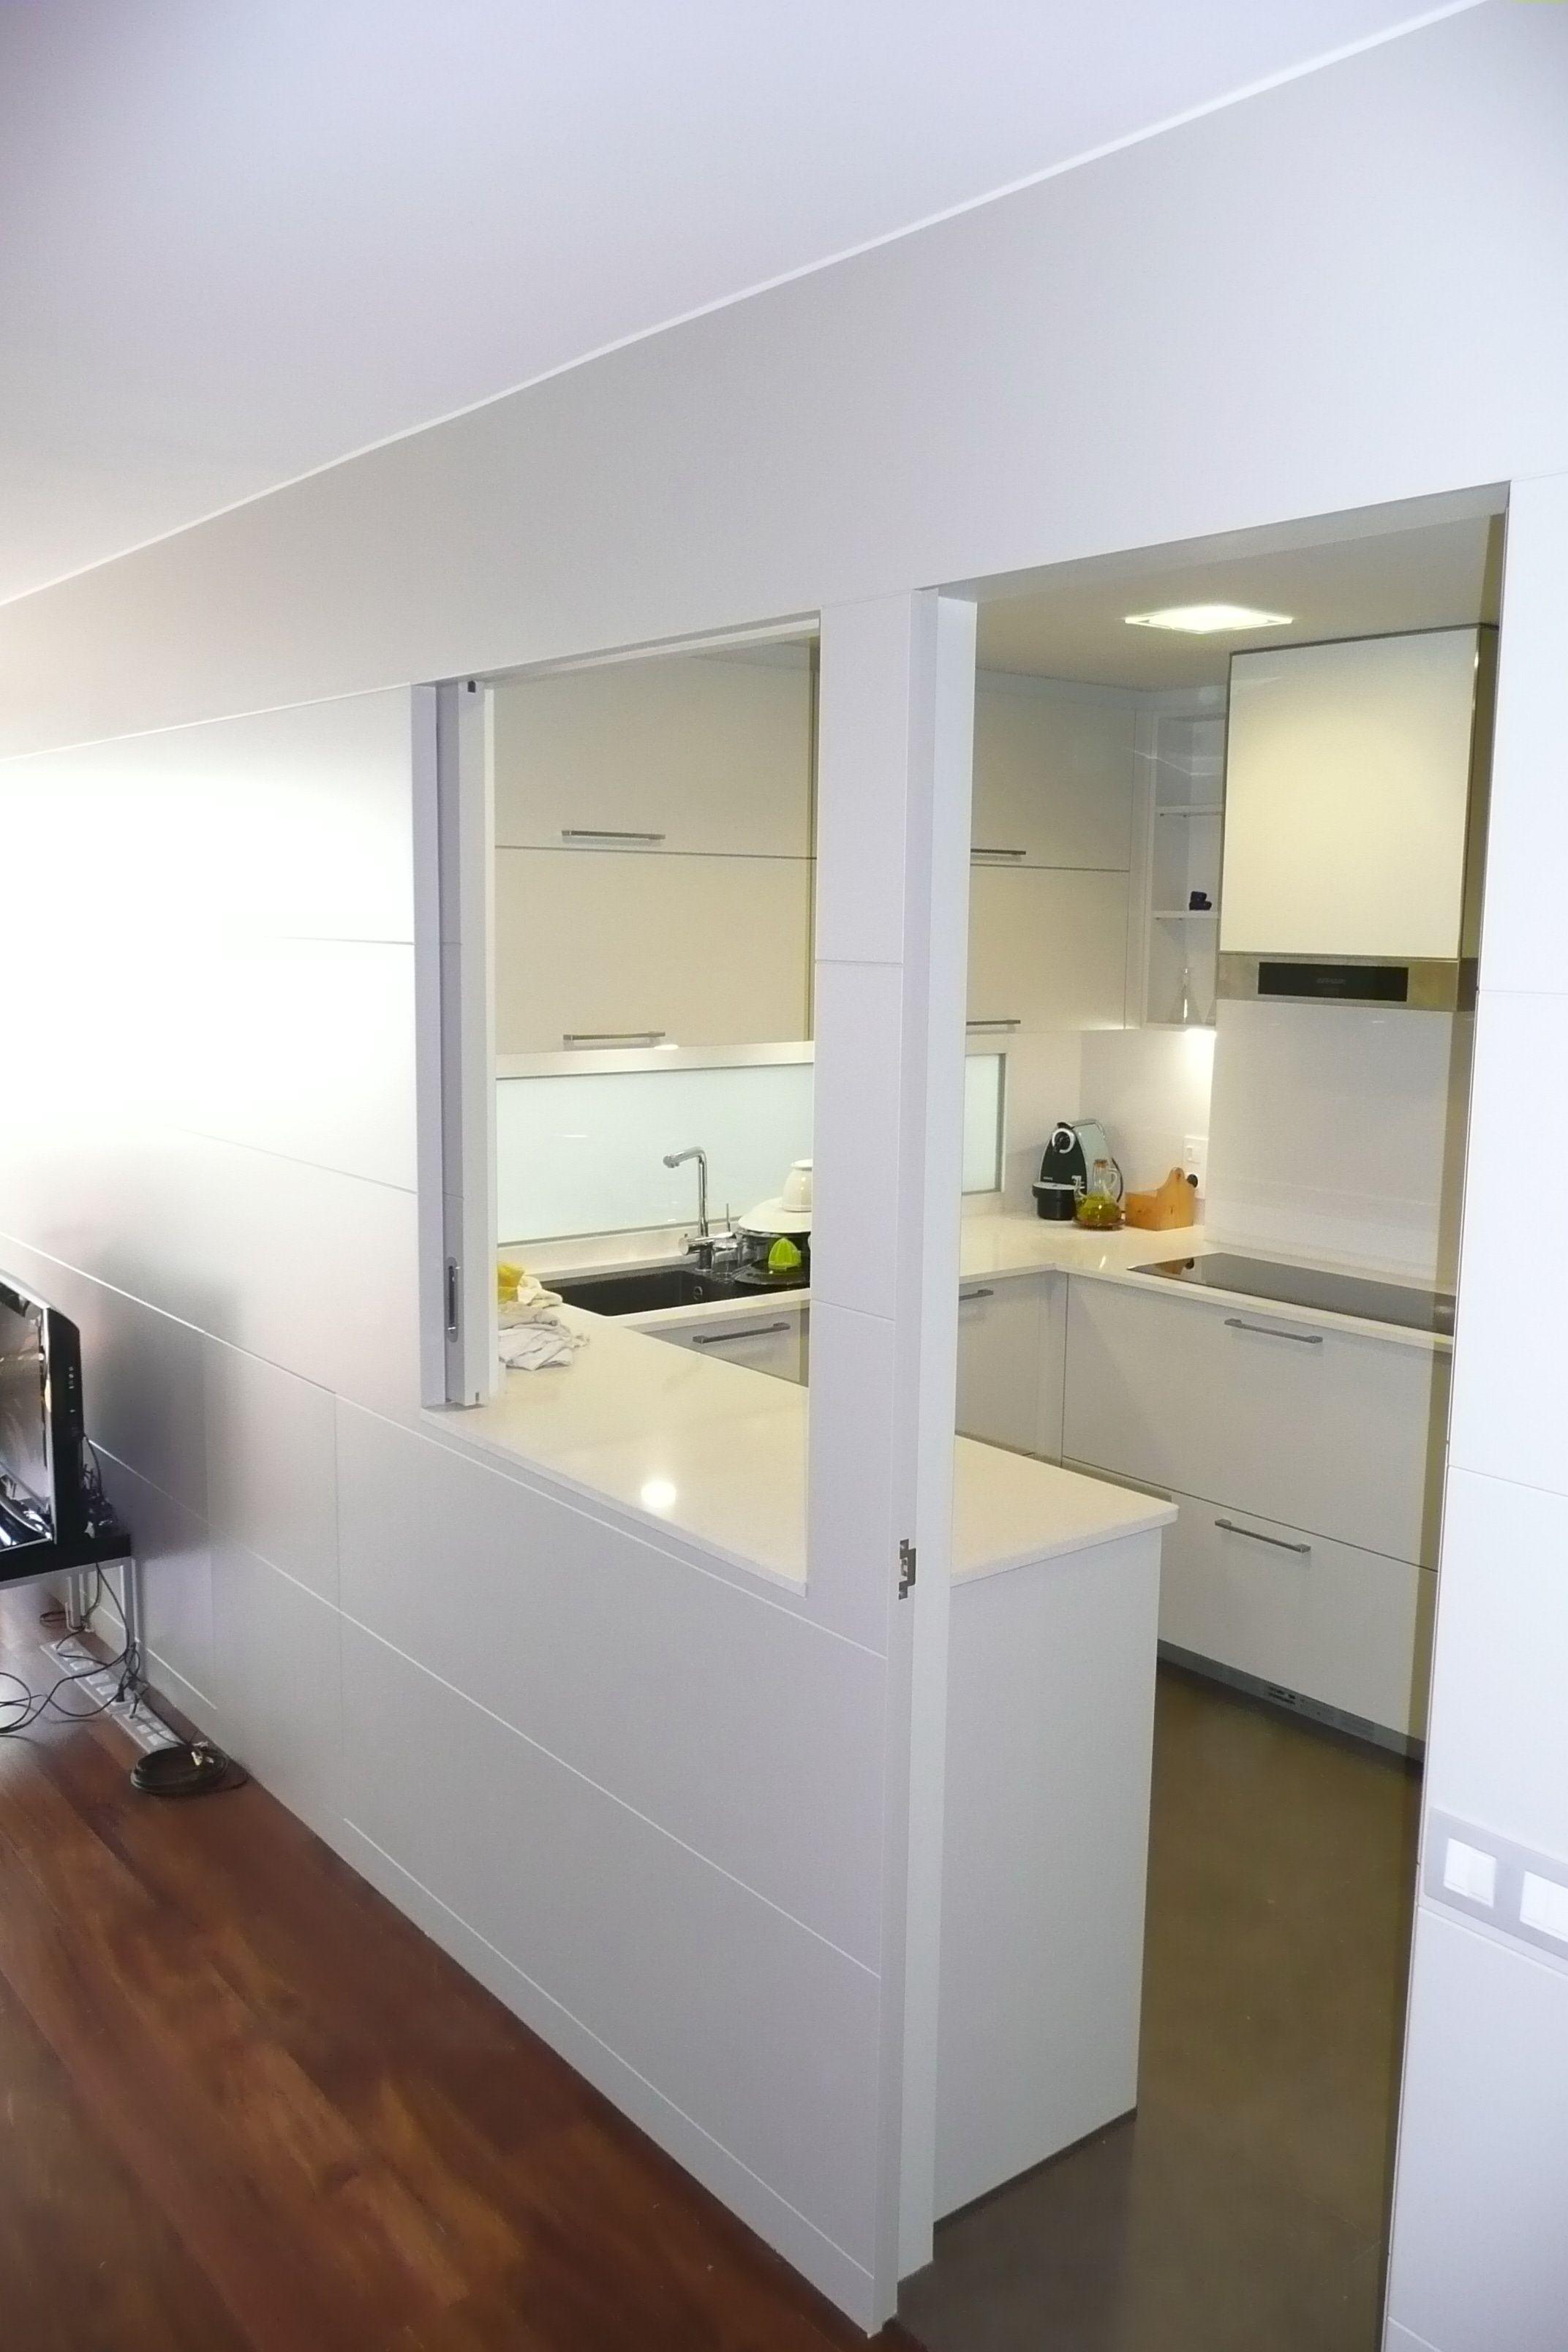 Cocina santos modelo ariane2 blanco seff con apertura for Modelo de cocina abierta en el comedor